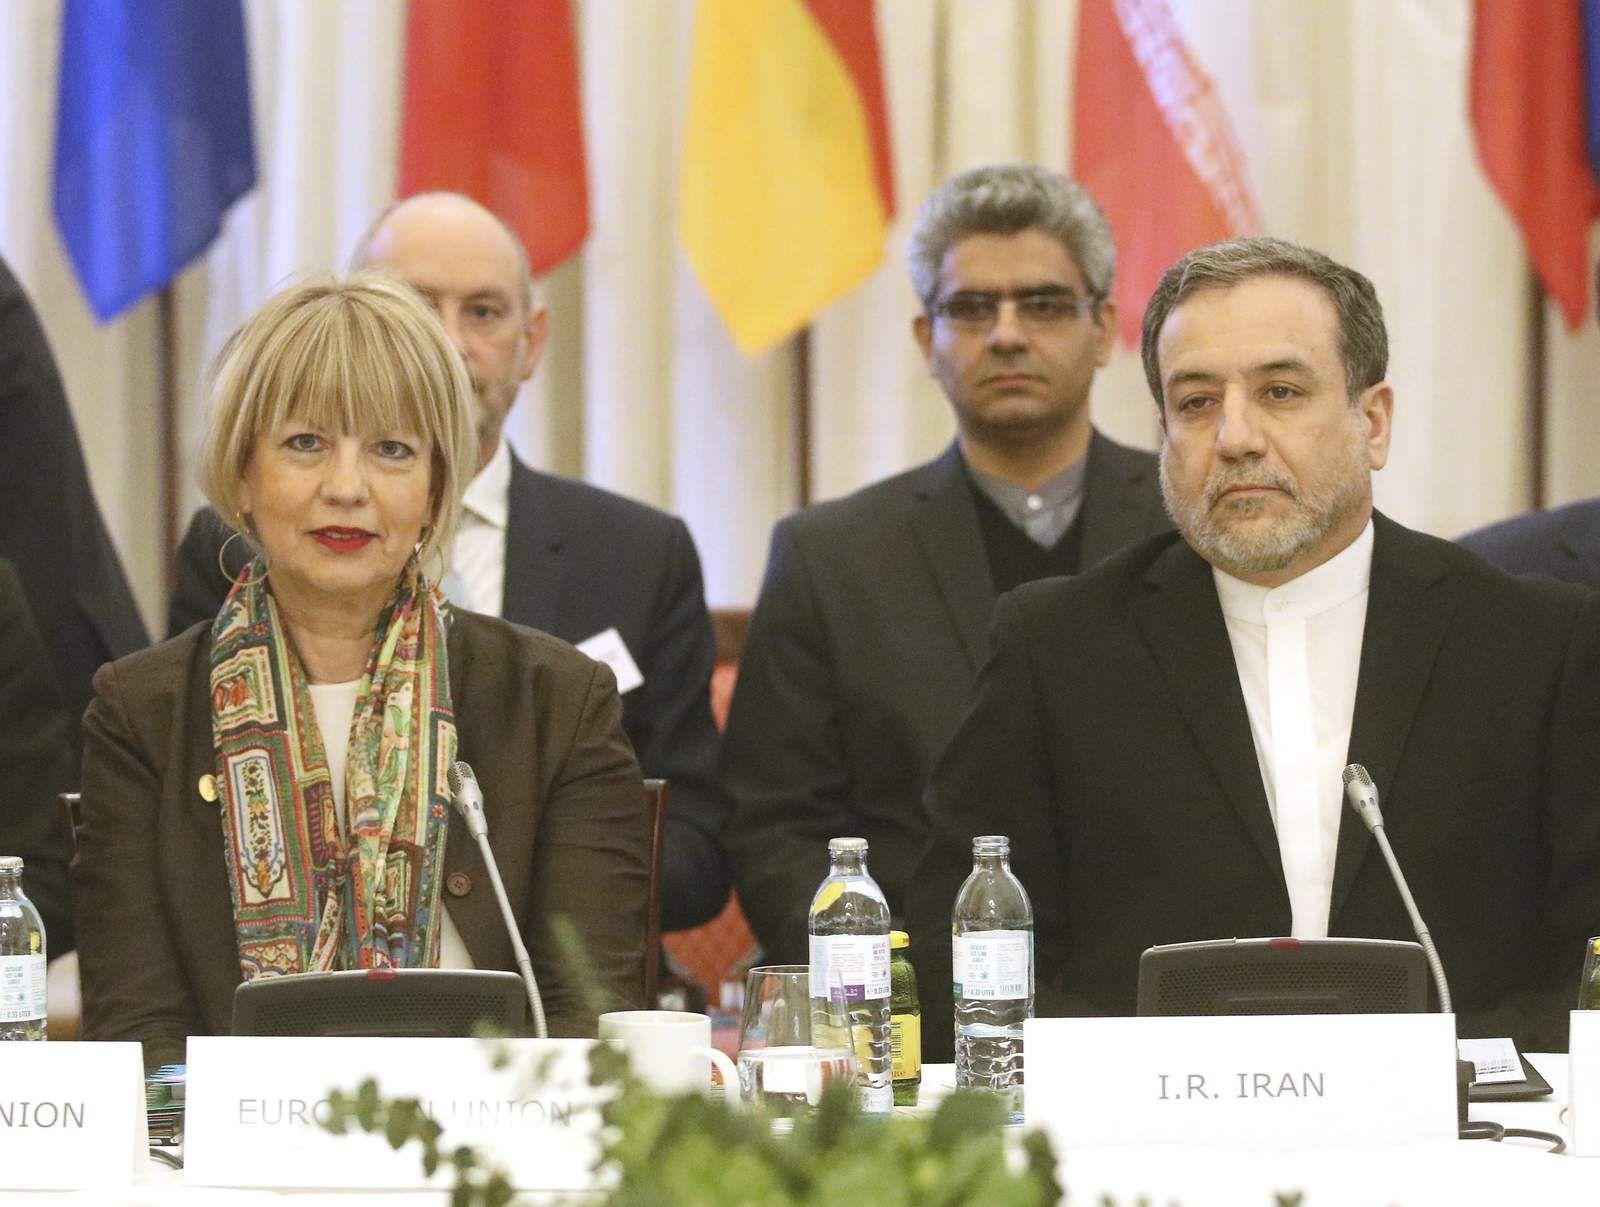 Pin on Iranian Diaspora